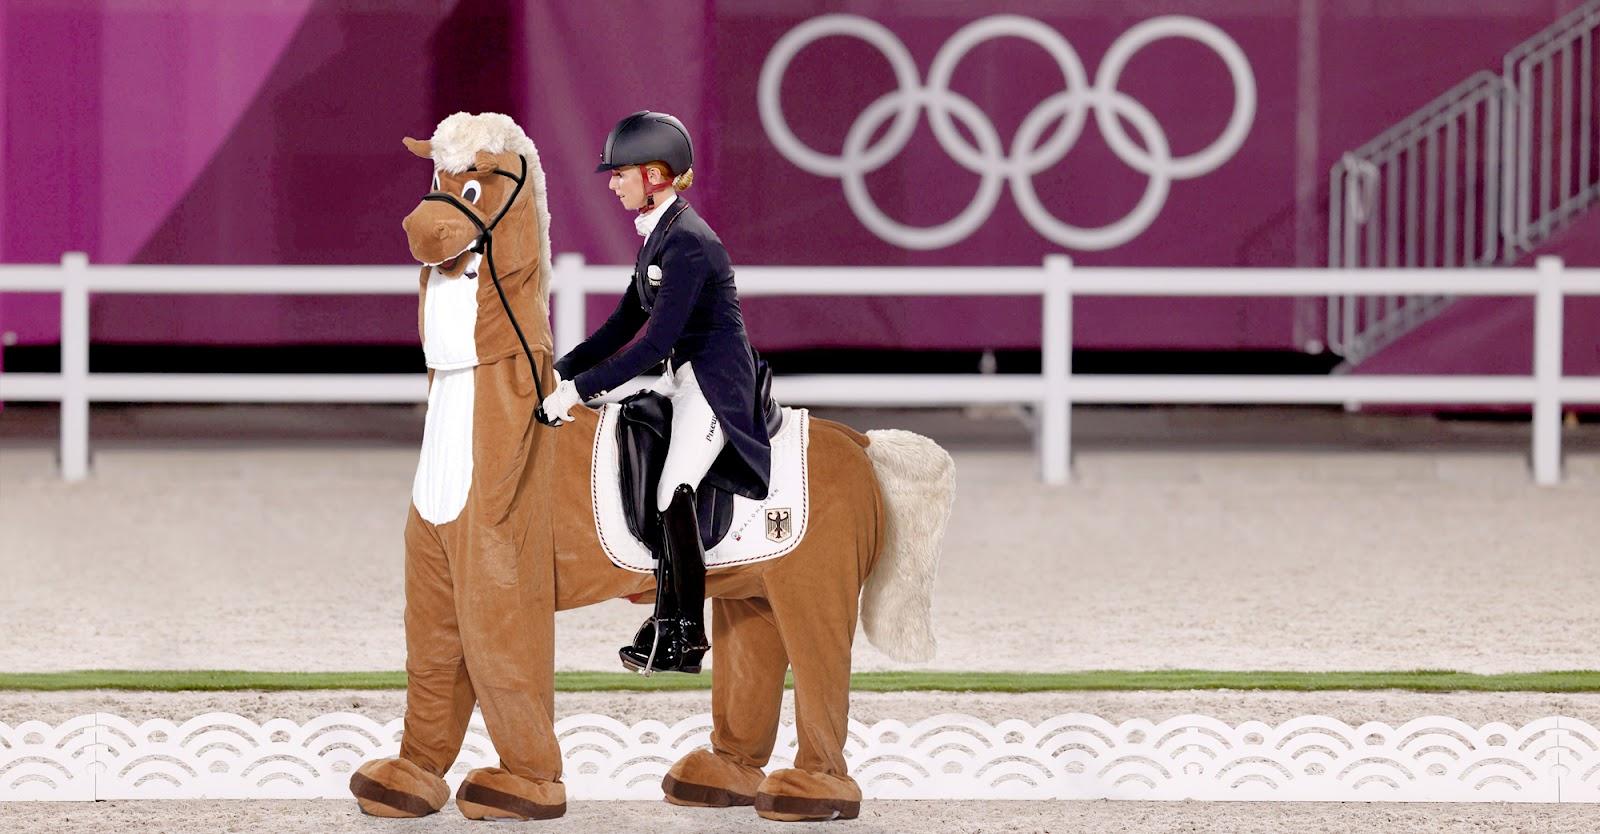 Wurde beim Pferd geschummelt? Deutscher Dressur-Olympiasiegerin droht Disqualifikation